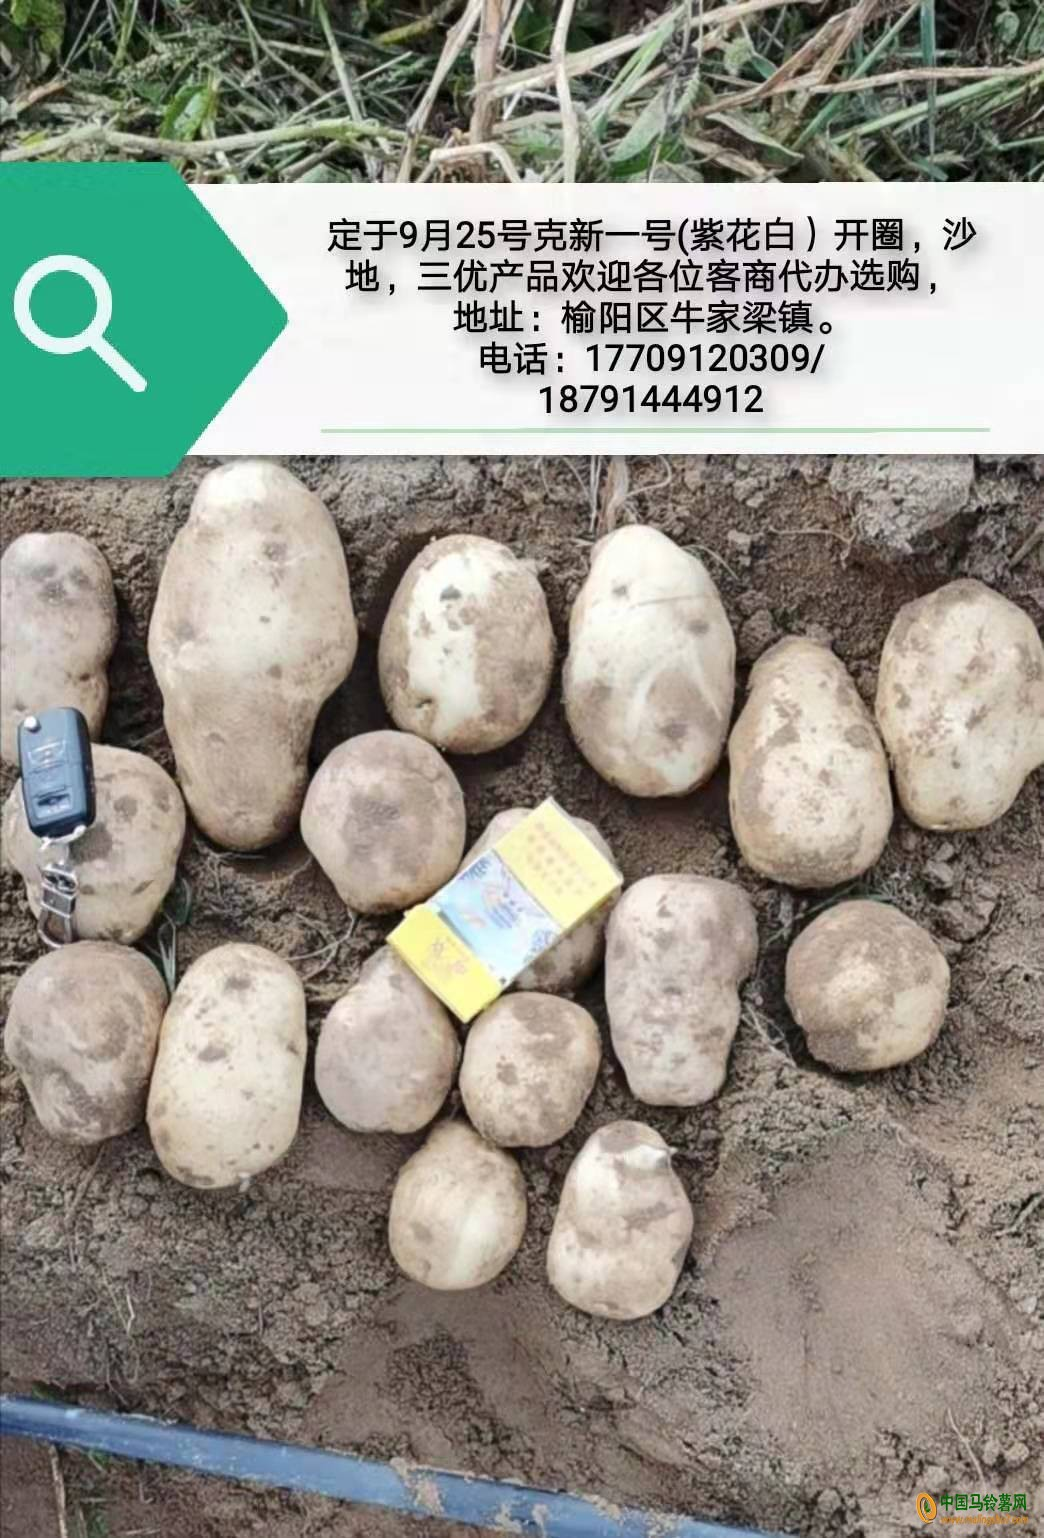 陕西榆阳区出售紫花白 ()